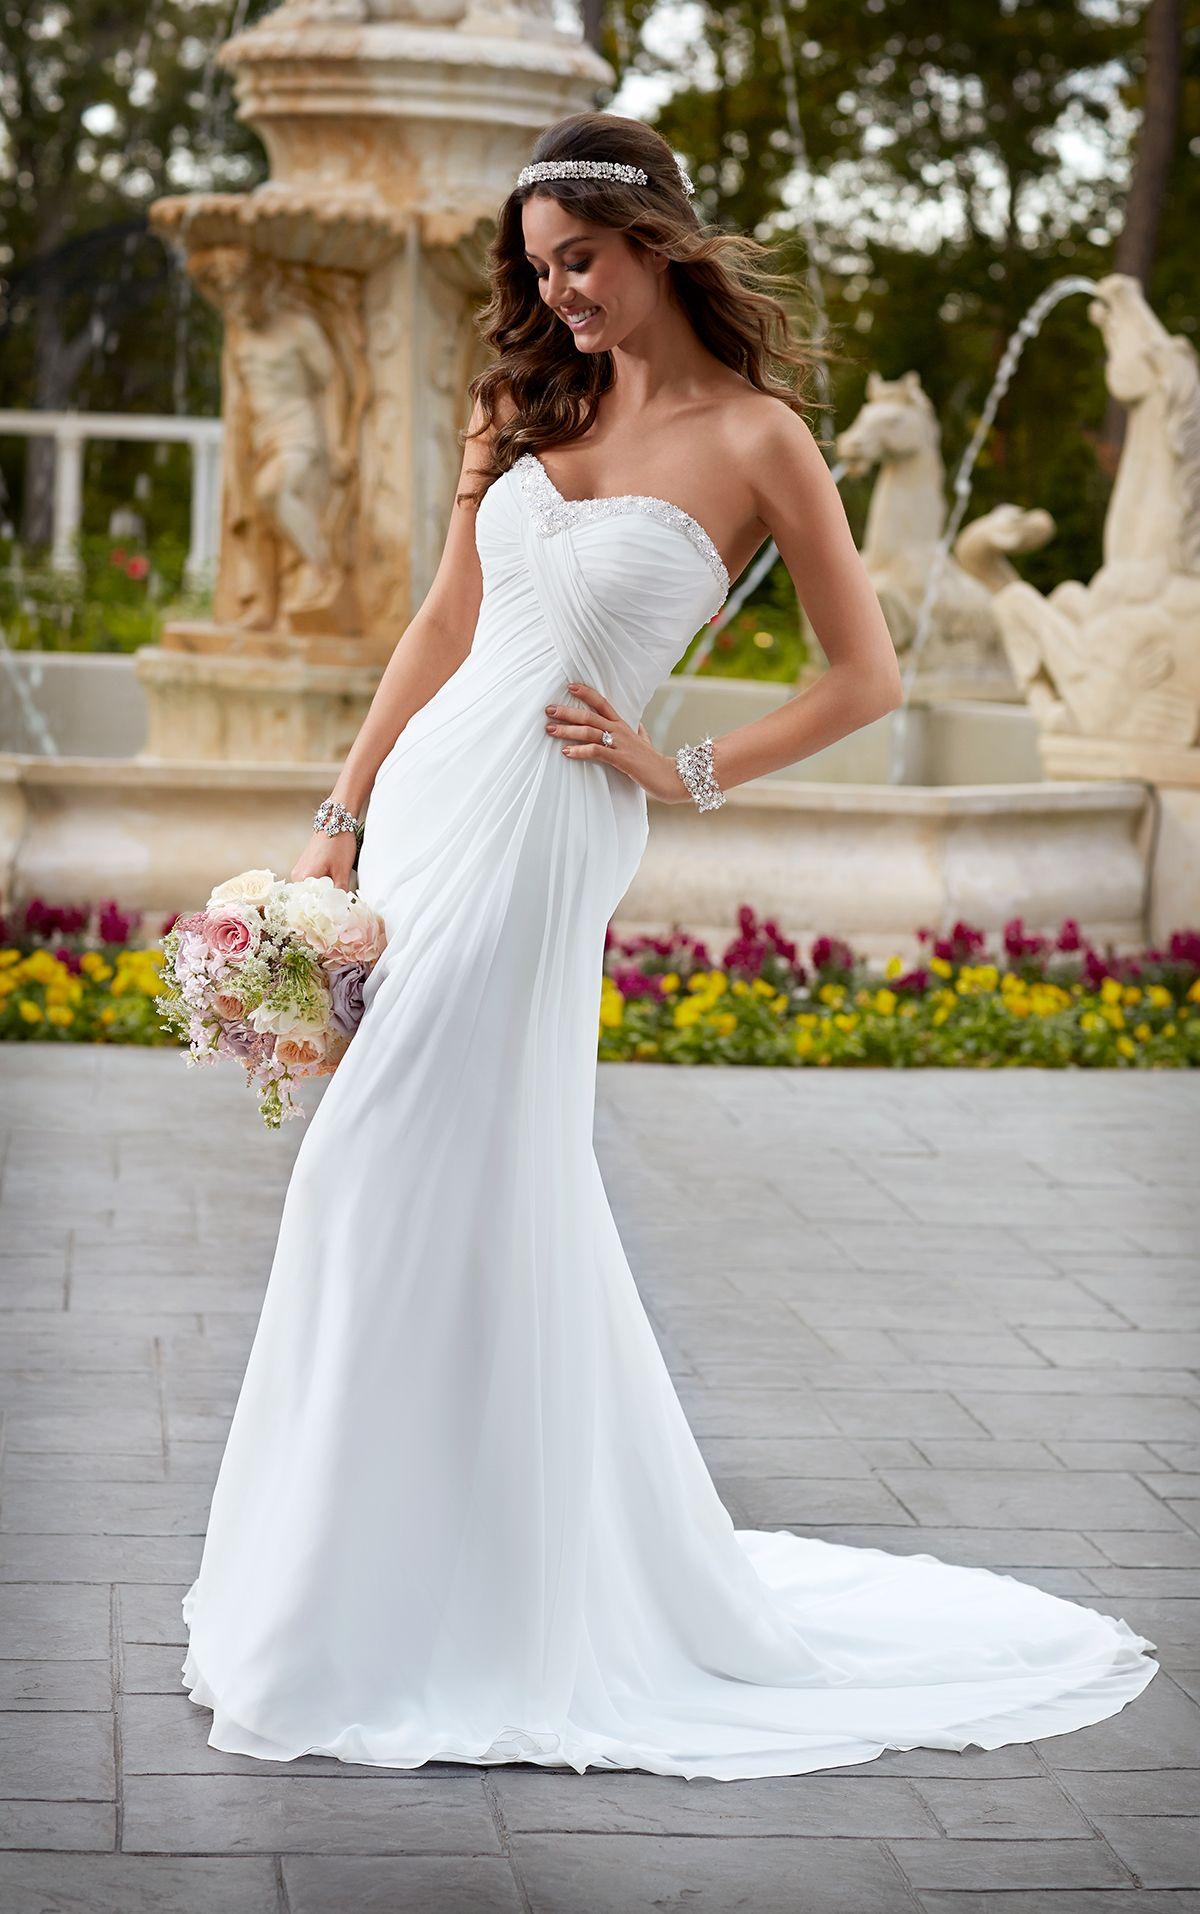 Brautkleider Elegant Schlicht | Schlicht Elegant Geradliniges Brautkleid Es Passt Ihr Wie Angegossen